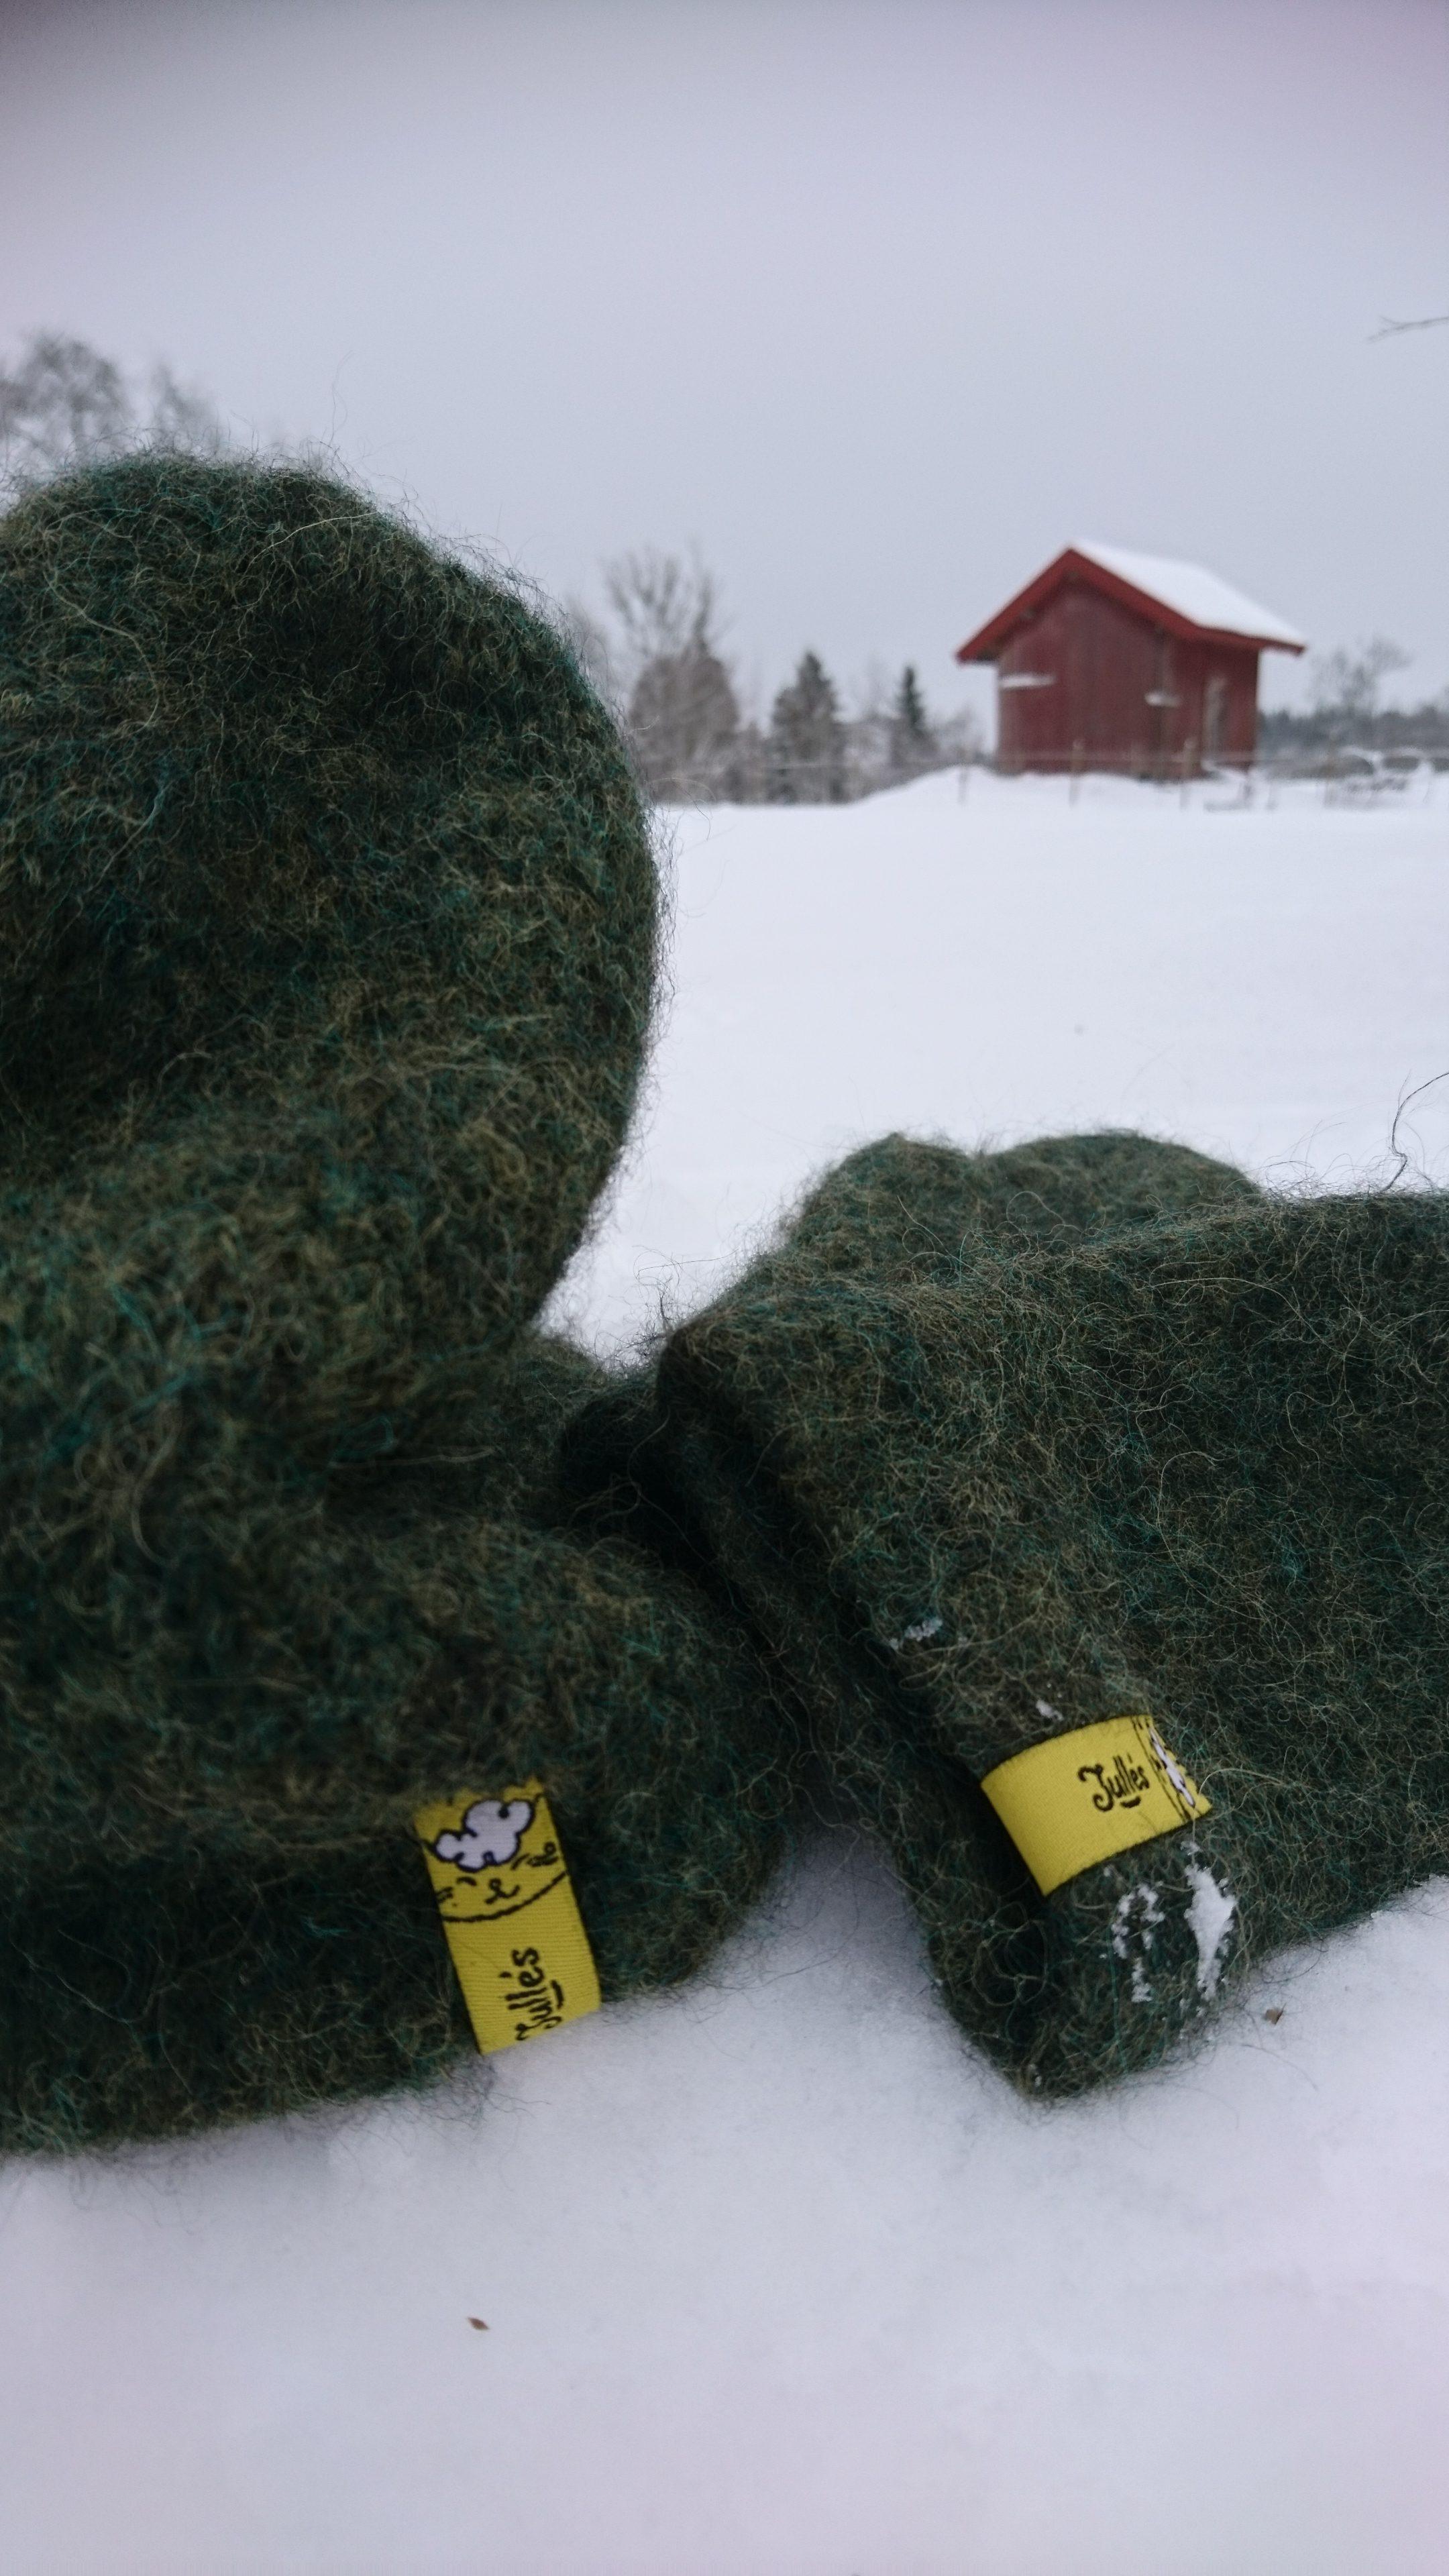 Kläder för vinterväder, ull så klart!